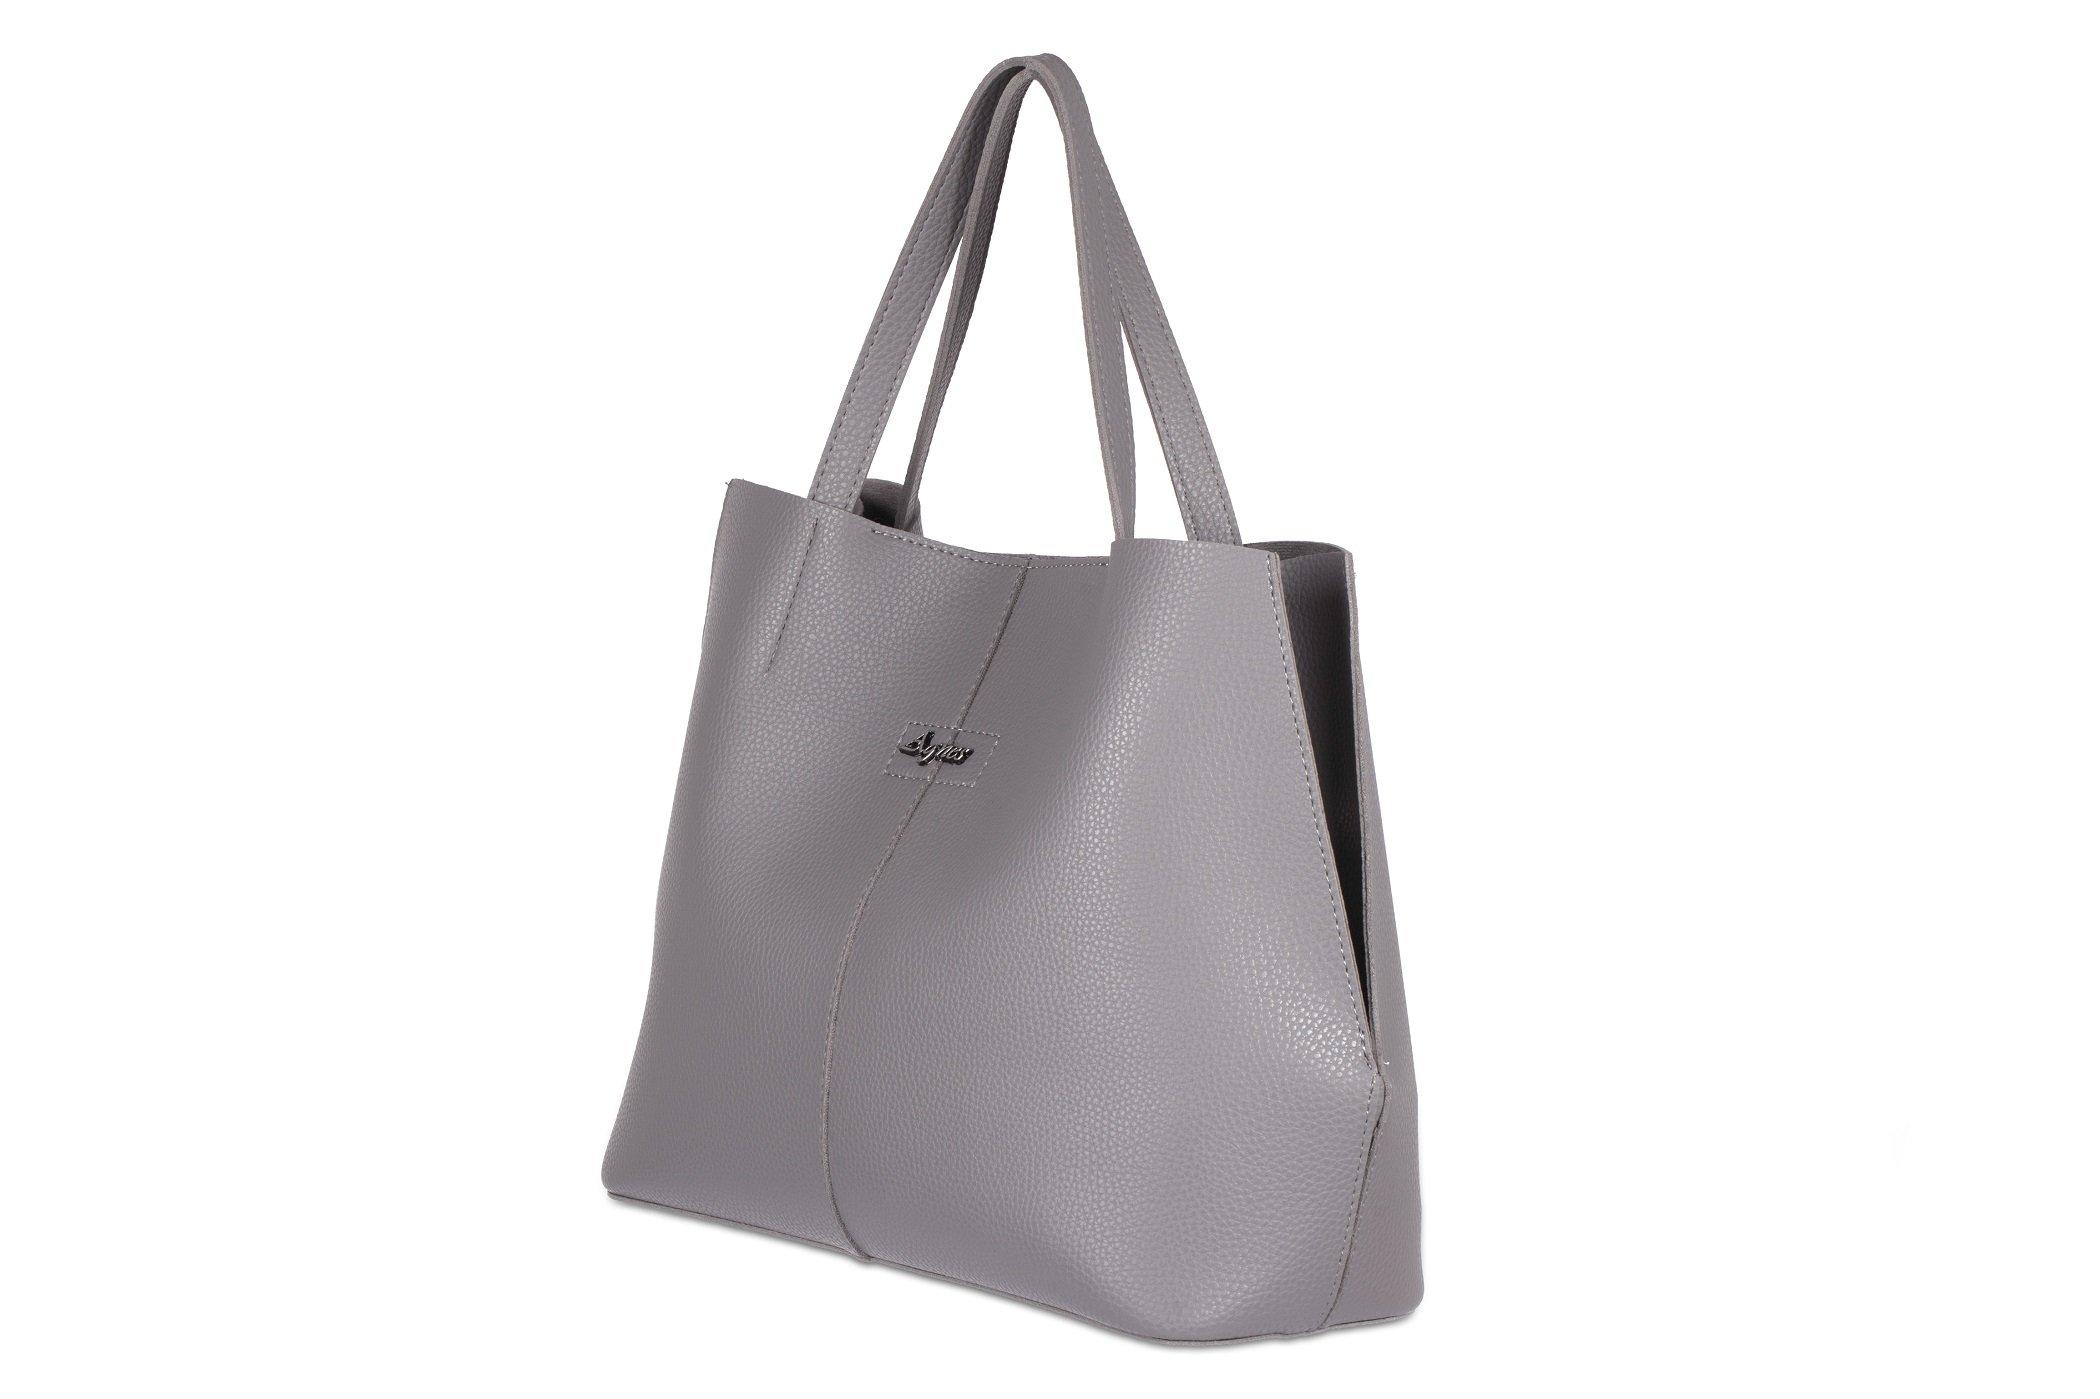 54800a31230512 Klasyczna torebka damska miejska do codzinnych stylizacji, cena ...